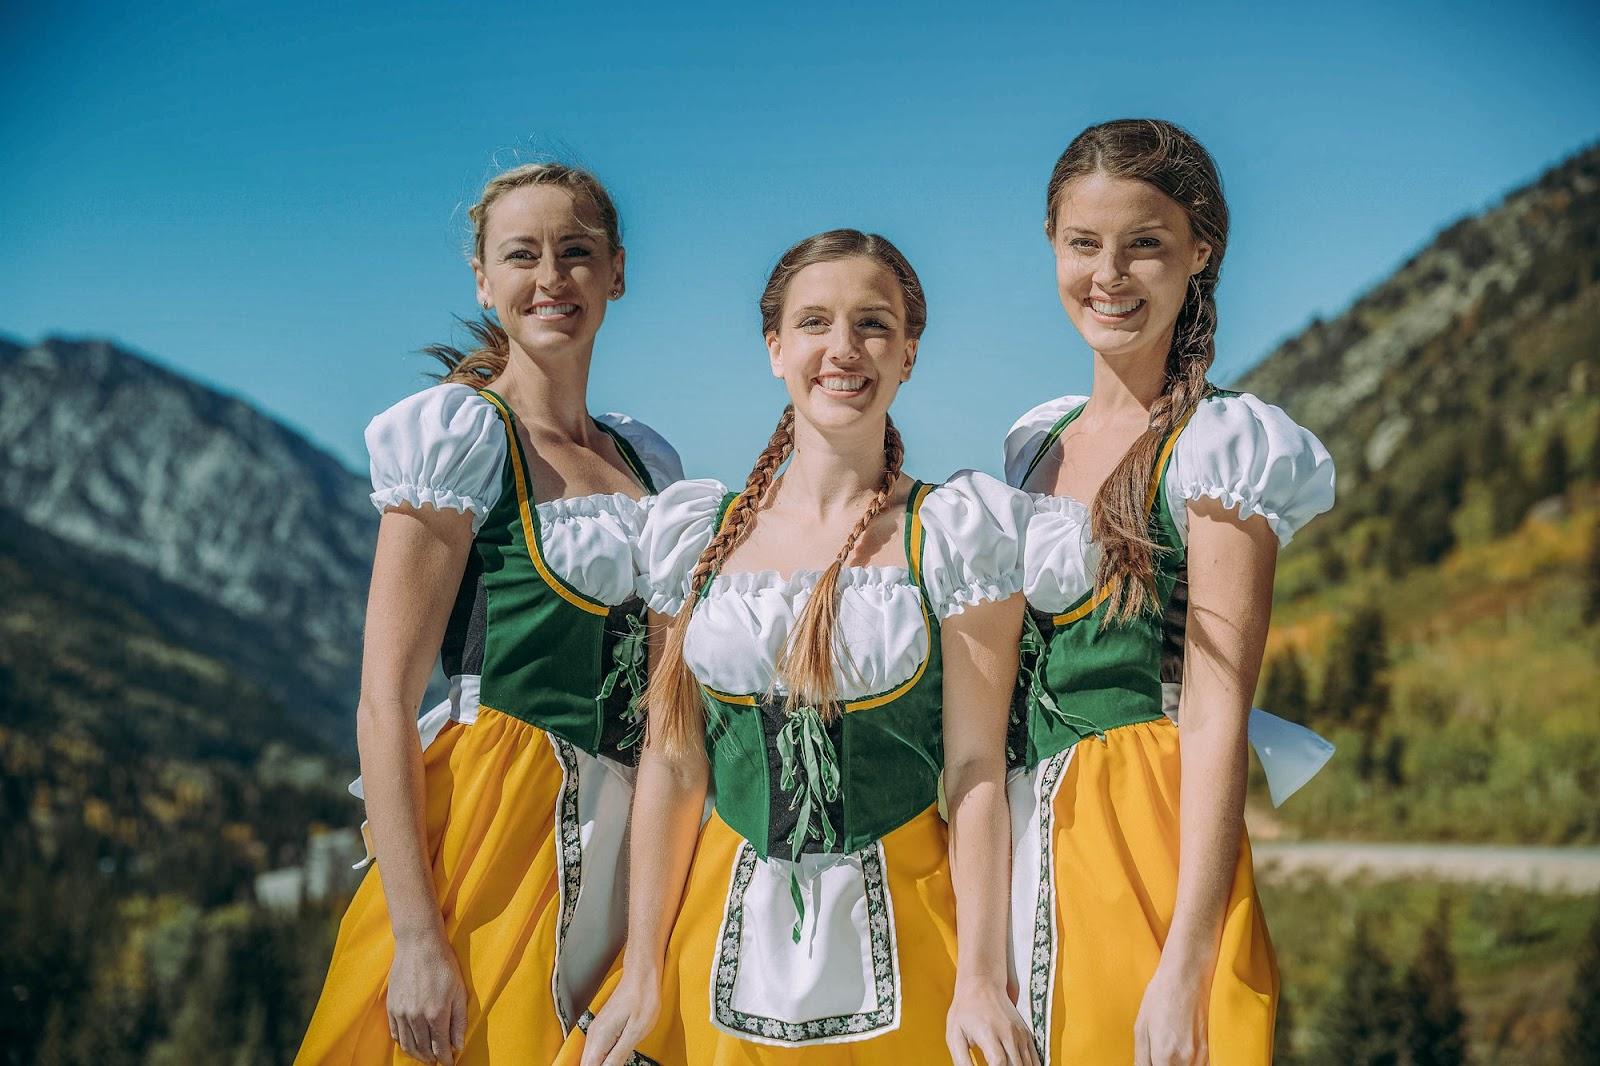 Văn hóa Đức là một trong những điều mà bạn cần tìm hiểu trước khi tham gia chương trình điều dưỡng chuyển đổi bằng tại Đức Educaro